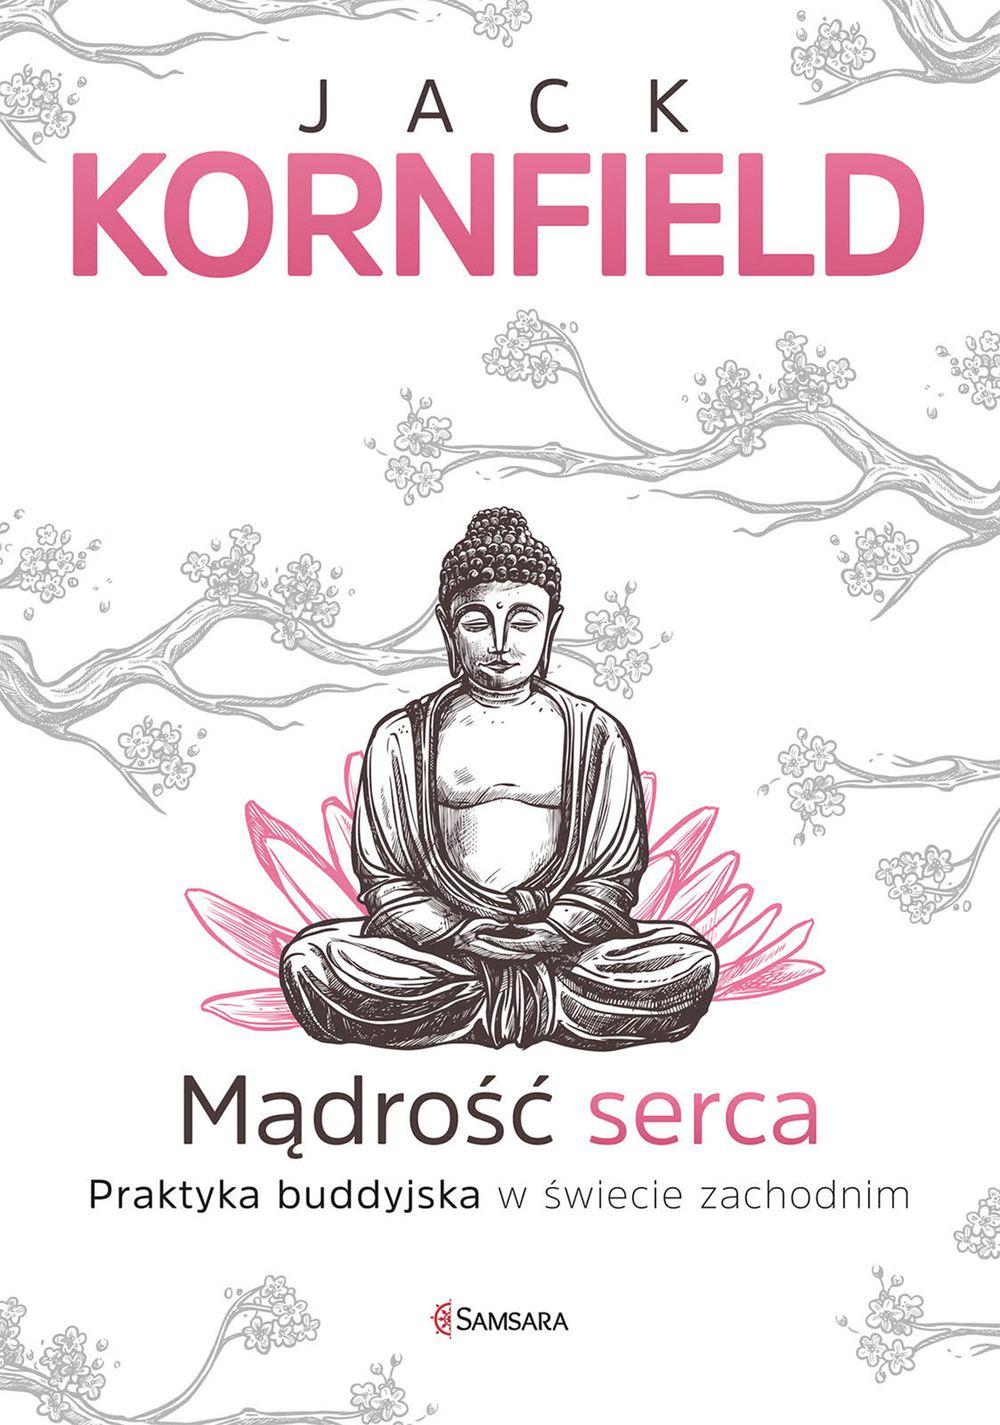 Mądrość serca. Praktyka buddyjska w świecie zachodnim - Ebook (Książka na Kindle) do pobrania w formacie MOBI